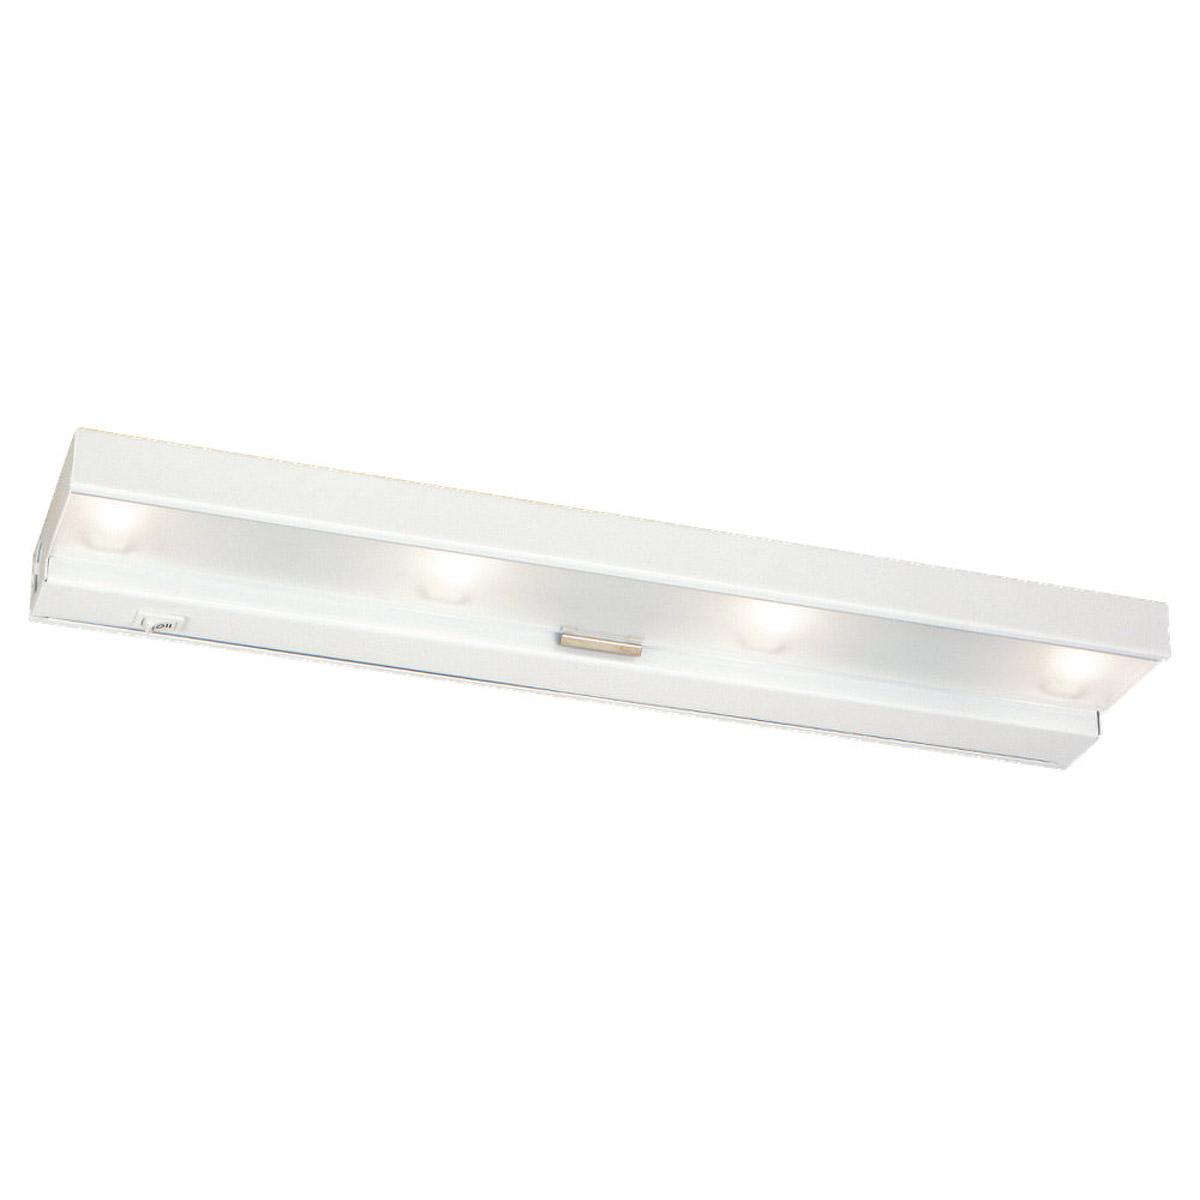 Sea Gull Lighting Undercabinet Lighting 4 Light Undercabinet Xenon in White 98020-15